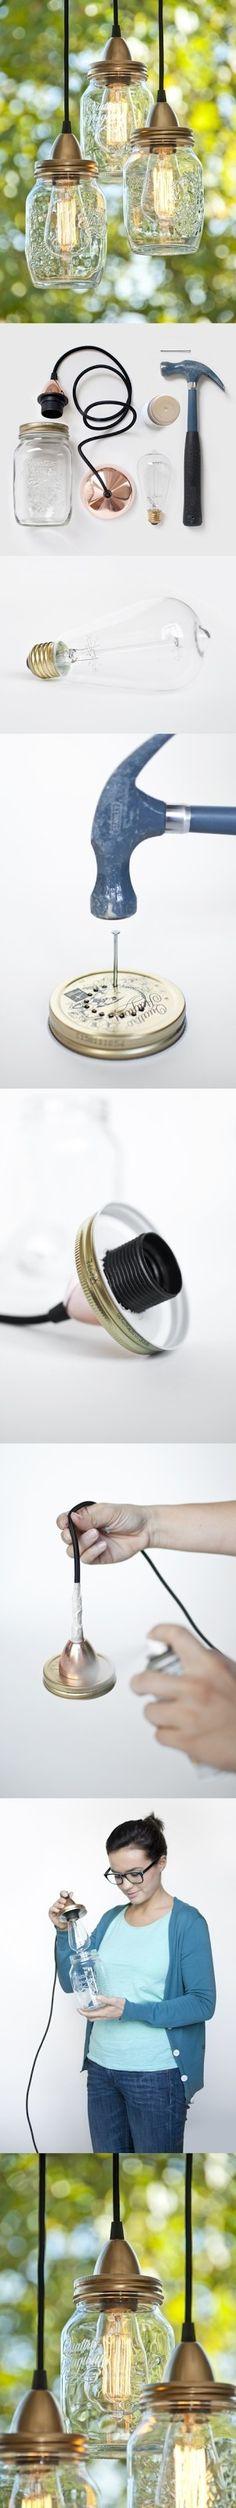 Drops de Decór: Faça suas próprias luminárias com potes de vidro!